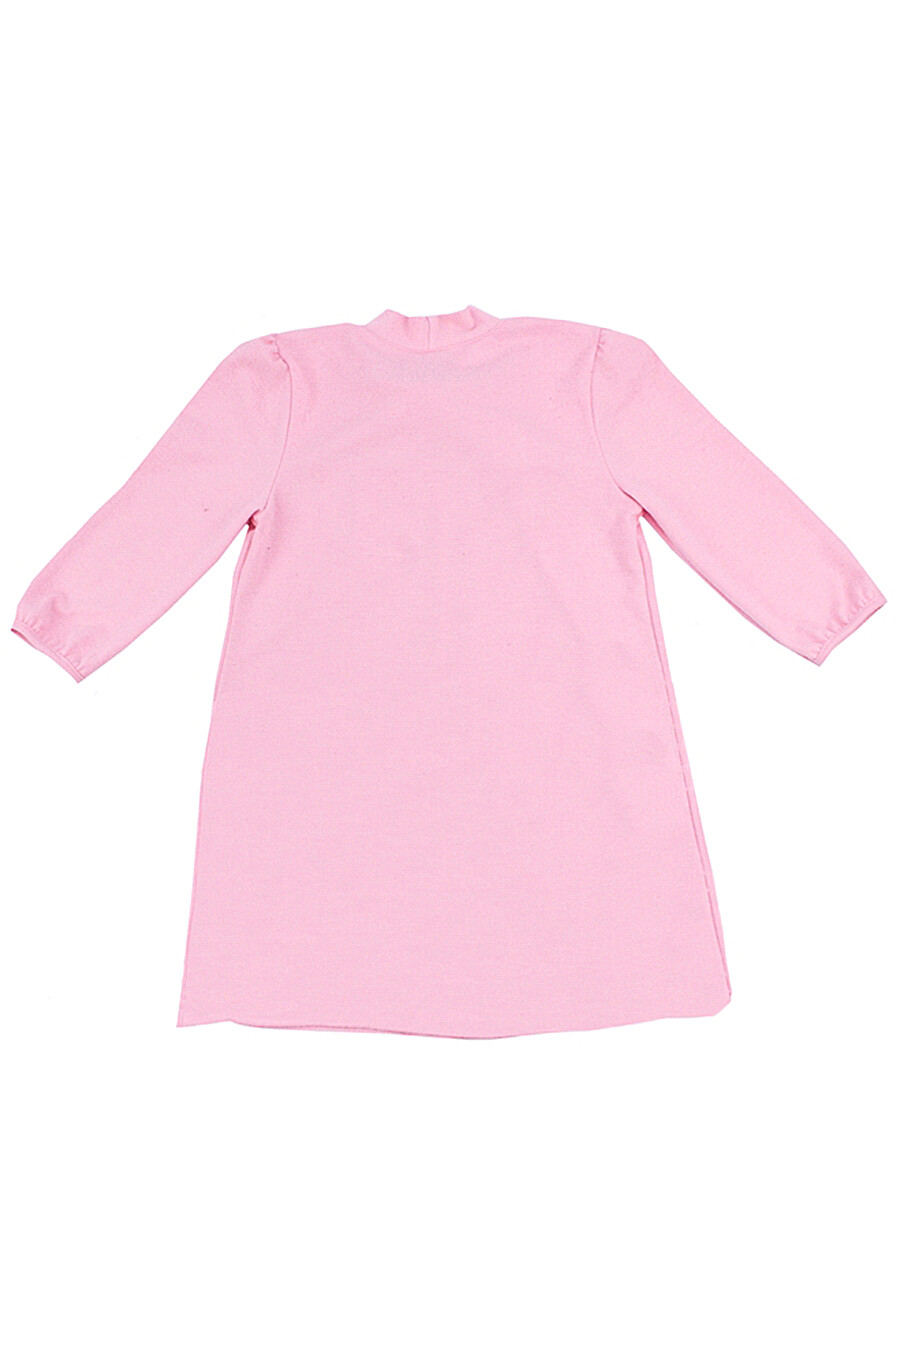 Джемпер для девочек АПРЕЛЬ 699862 купить оптом от производителя. Совместная покупка детской одежды в OptMoyo